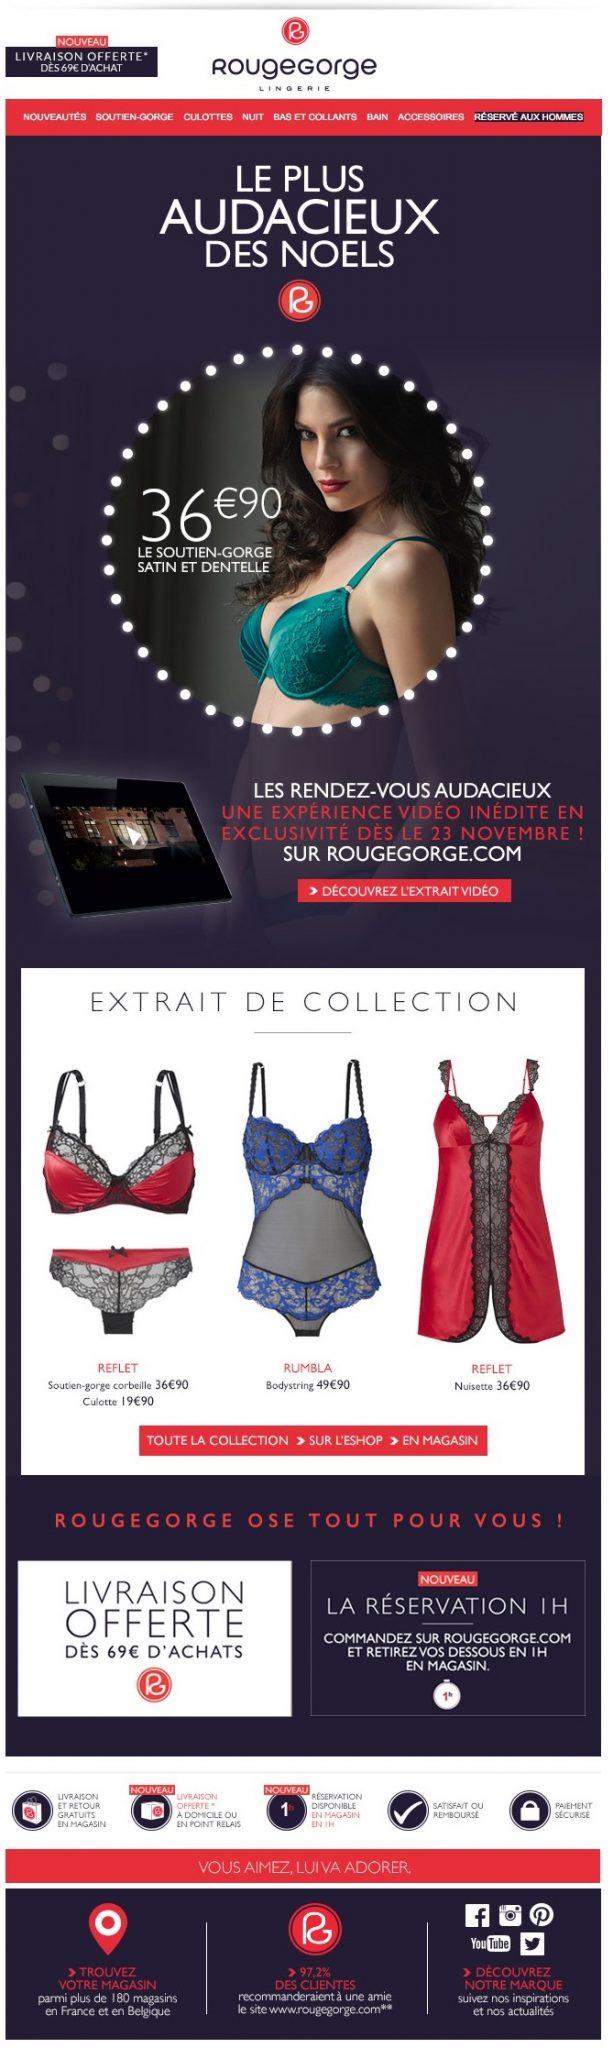 newsletter rouge gorge lingerie du 13novembre 2015